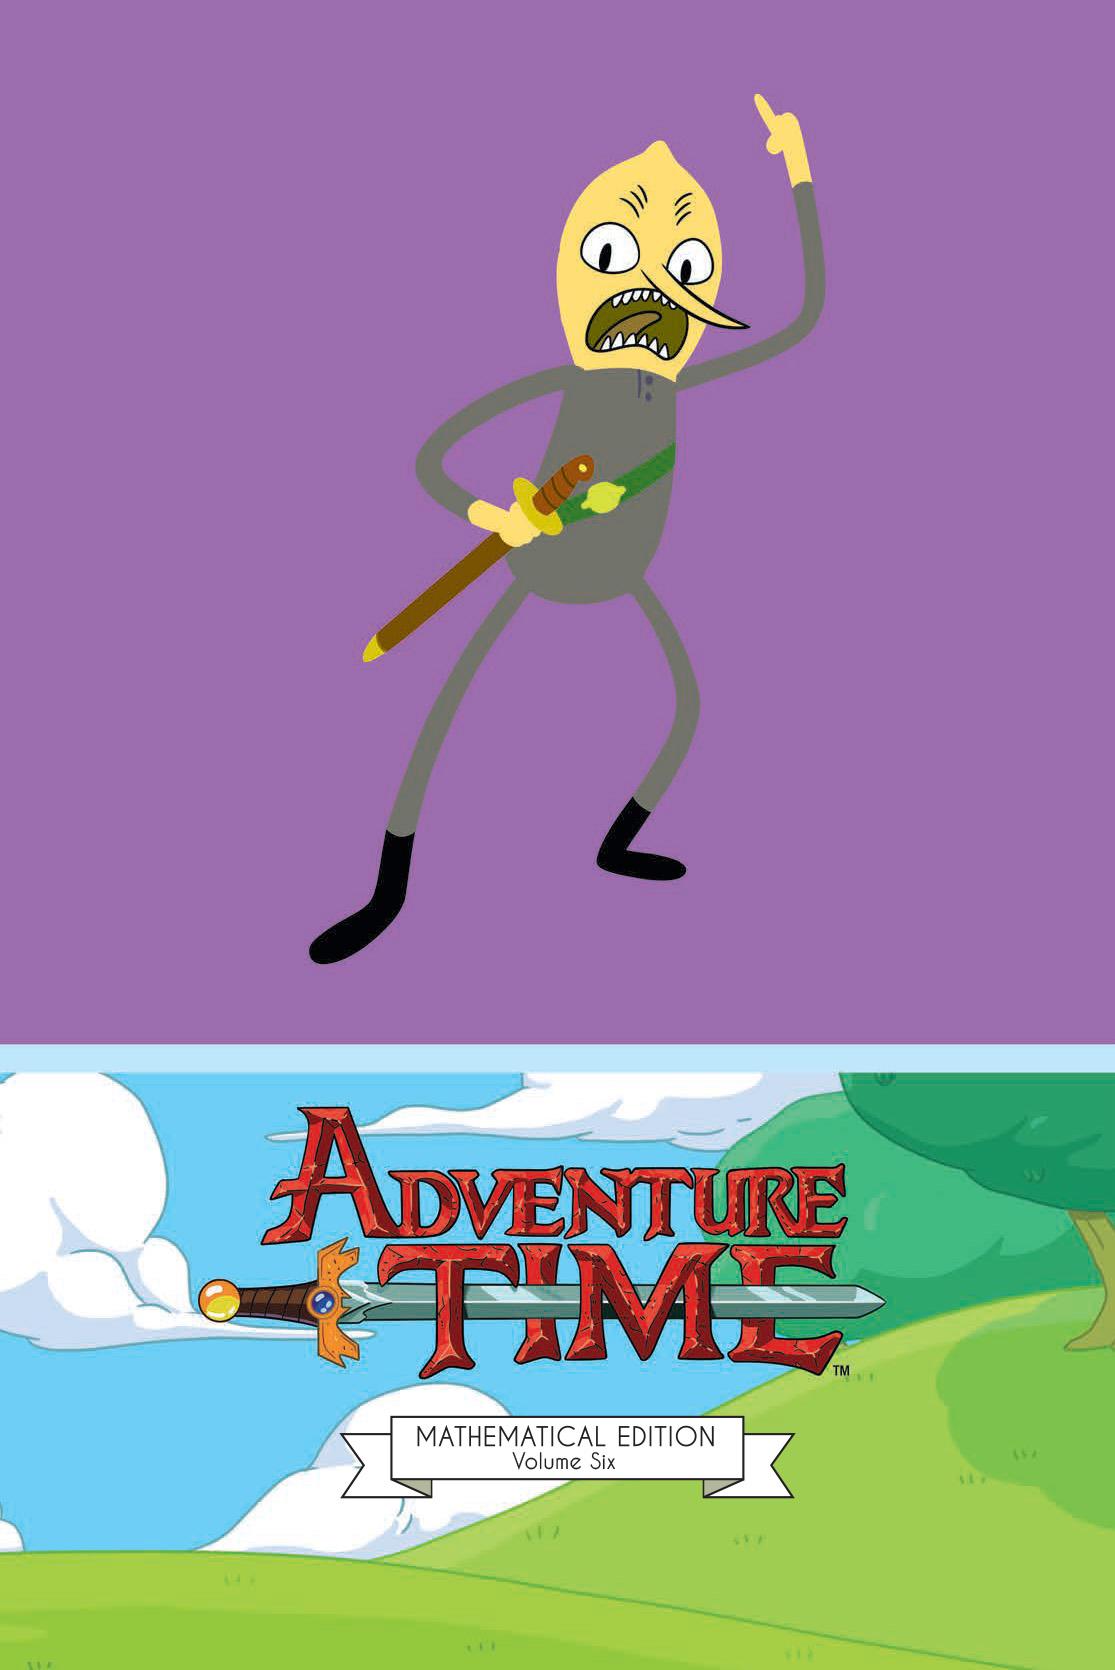 AdventureTime_V6_Mathematical_Cover